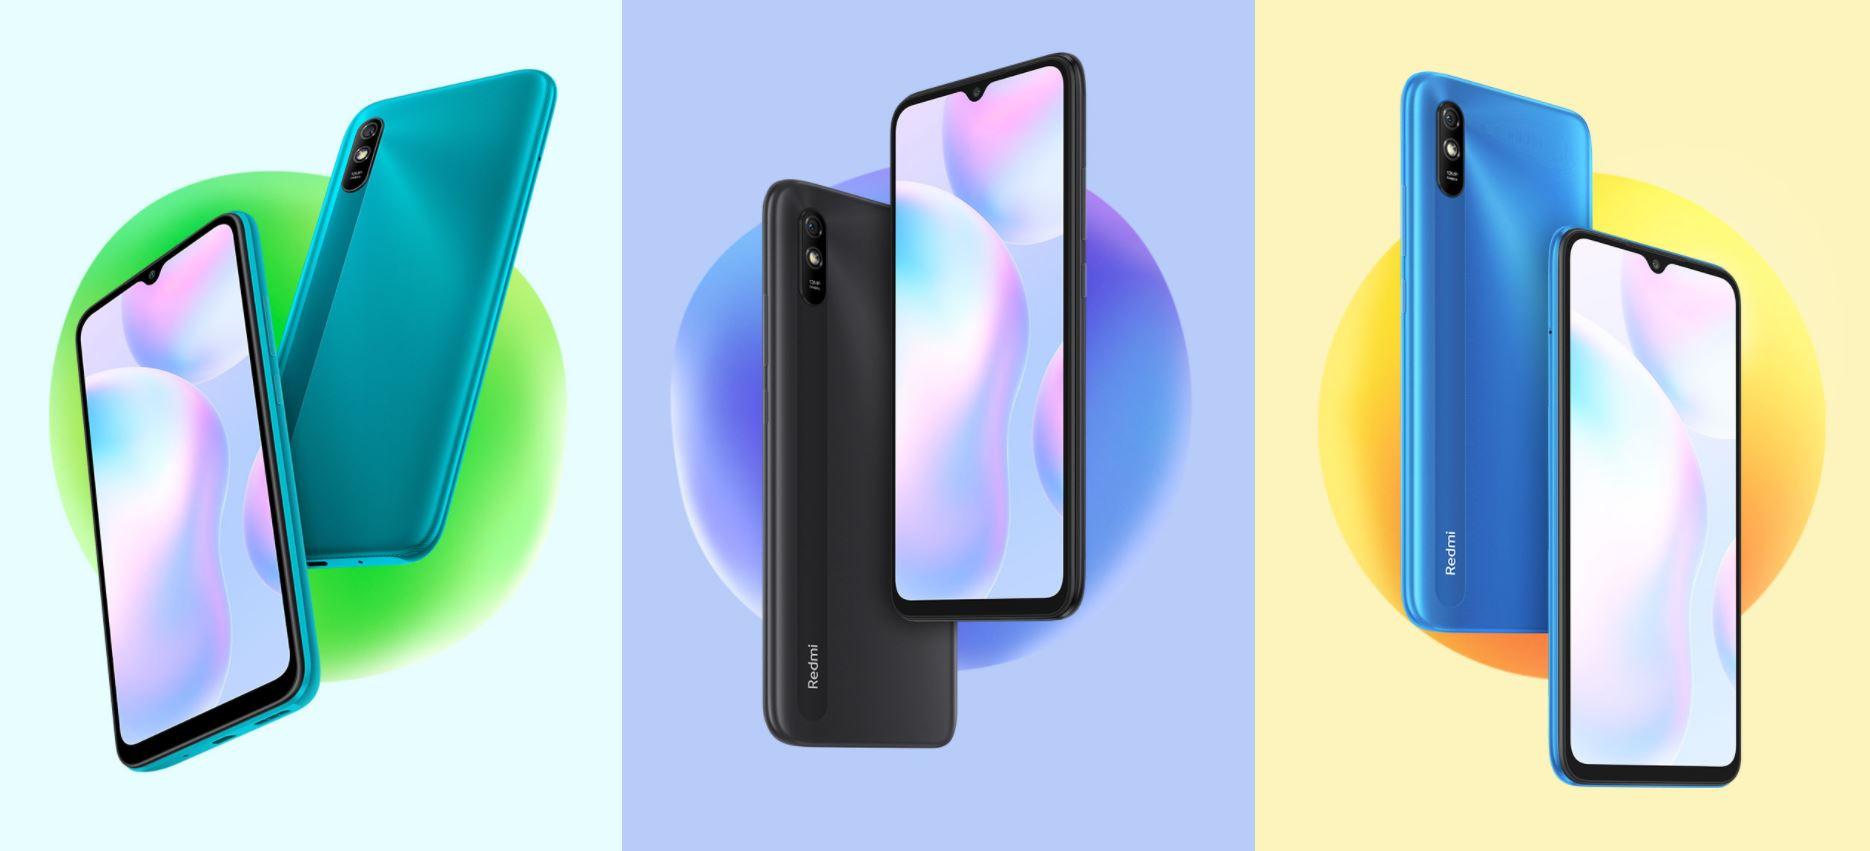 El móvil Android más vendido del mundo es un Xiaomi y cuesta menos de 100 euros. Noticias Xiaomi Adictos